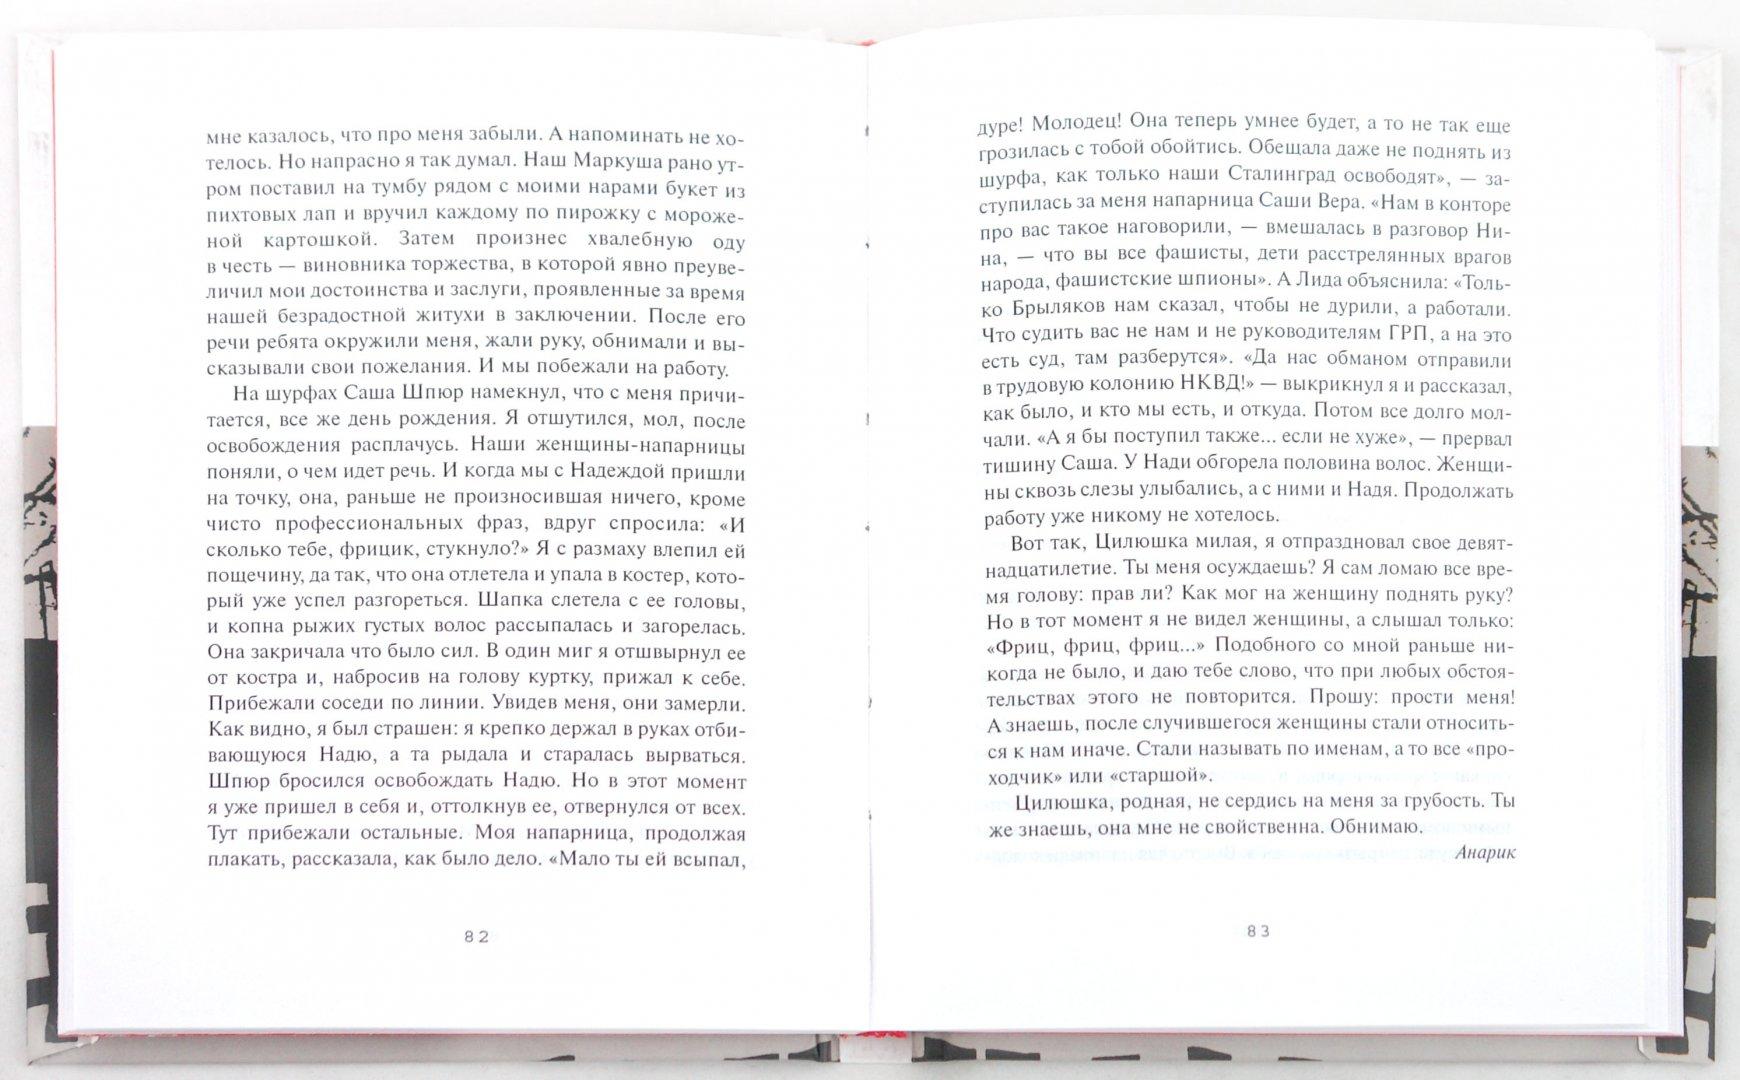 Иллюстрация 1 из 3 для Если не выскажусь - задохнусь! Долгий путь к любимой - Андрей Эйзенбергер | Лабиринт - книги. Источник: Лабиринт